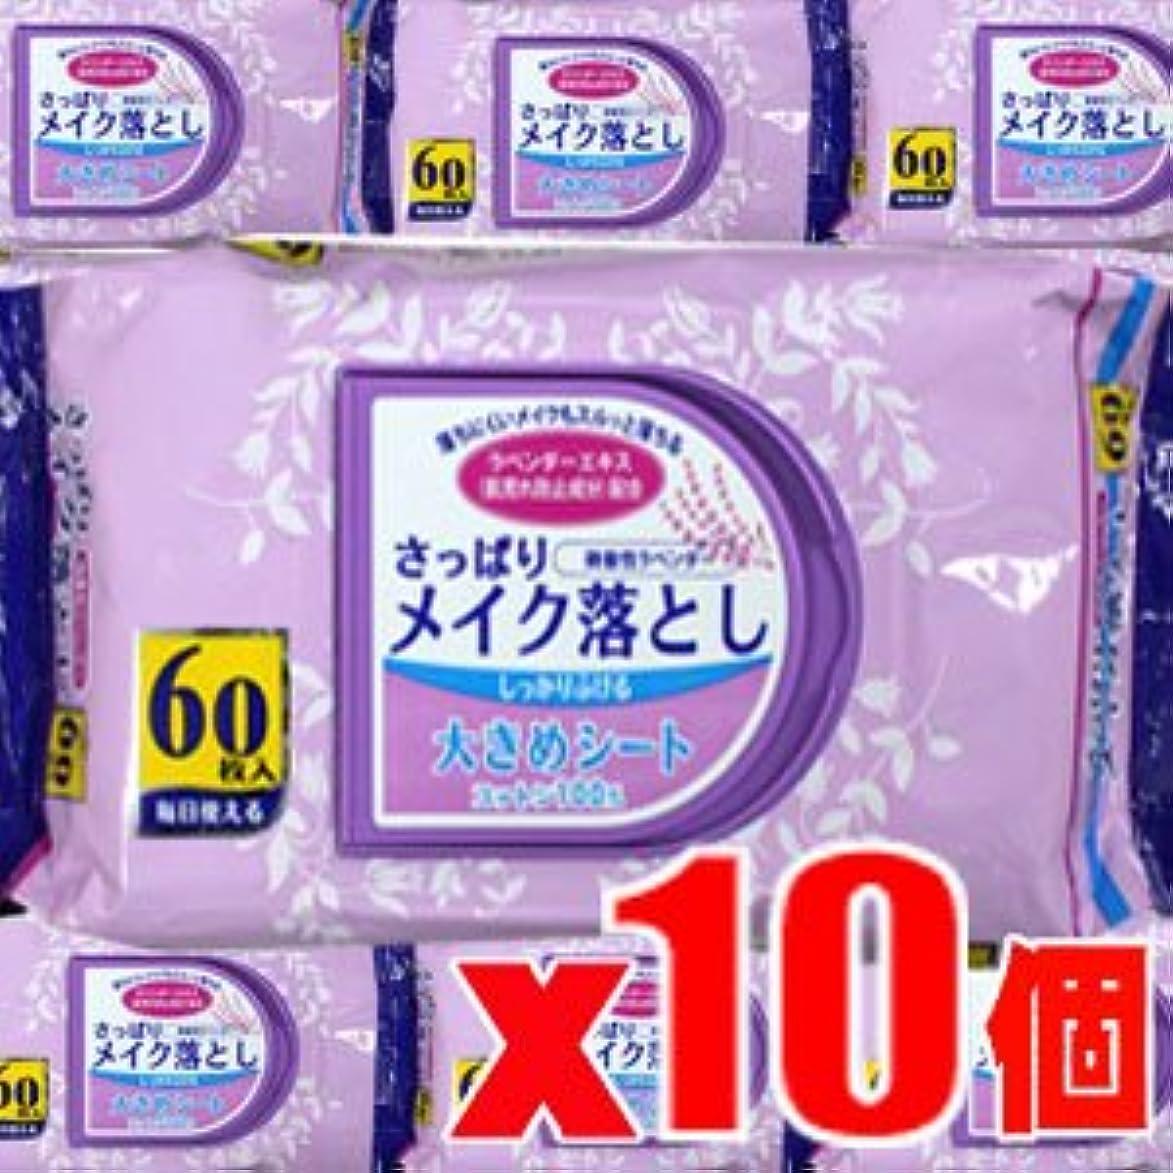 衝動戻す味わう【10個】さっぱり メイク落とし 60枚x10個 (4994416031245)